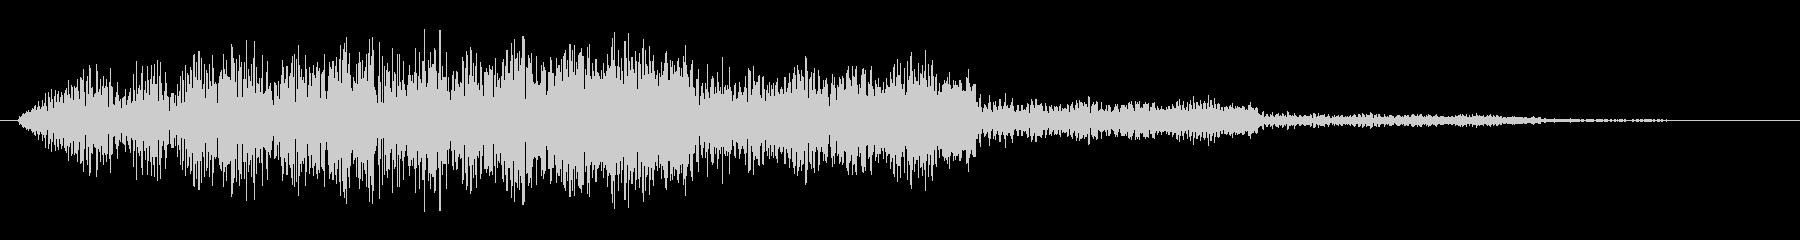 キラキラした電子音です。ゲームに使われ…の未再生の波形